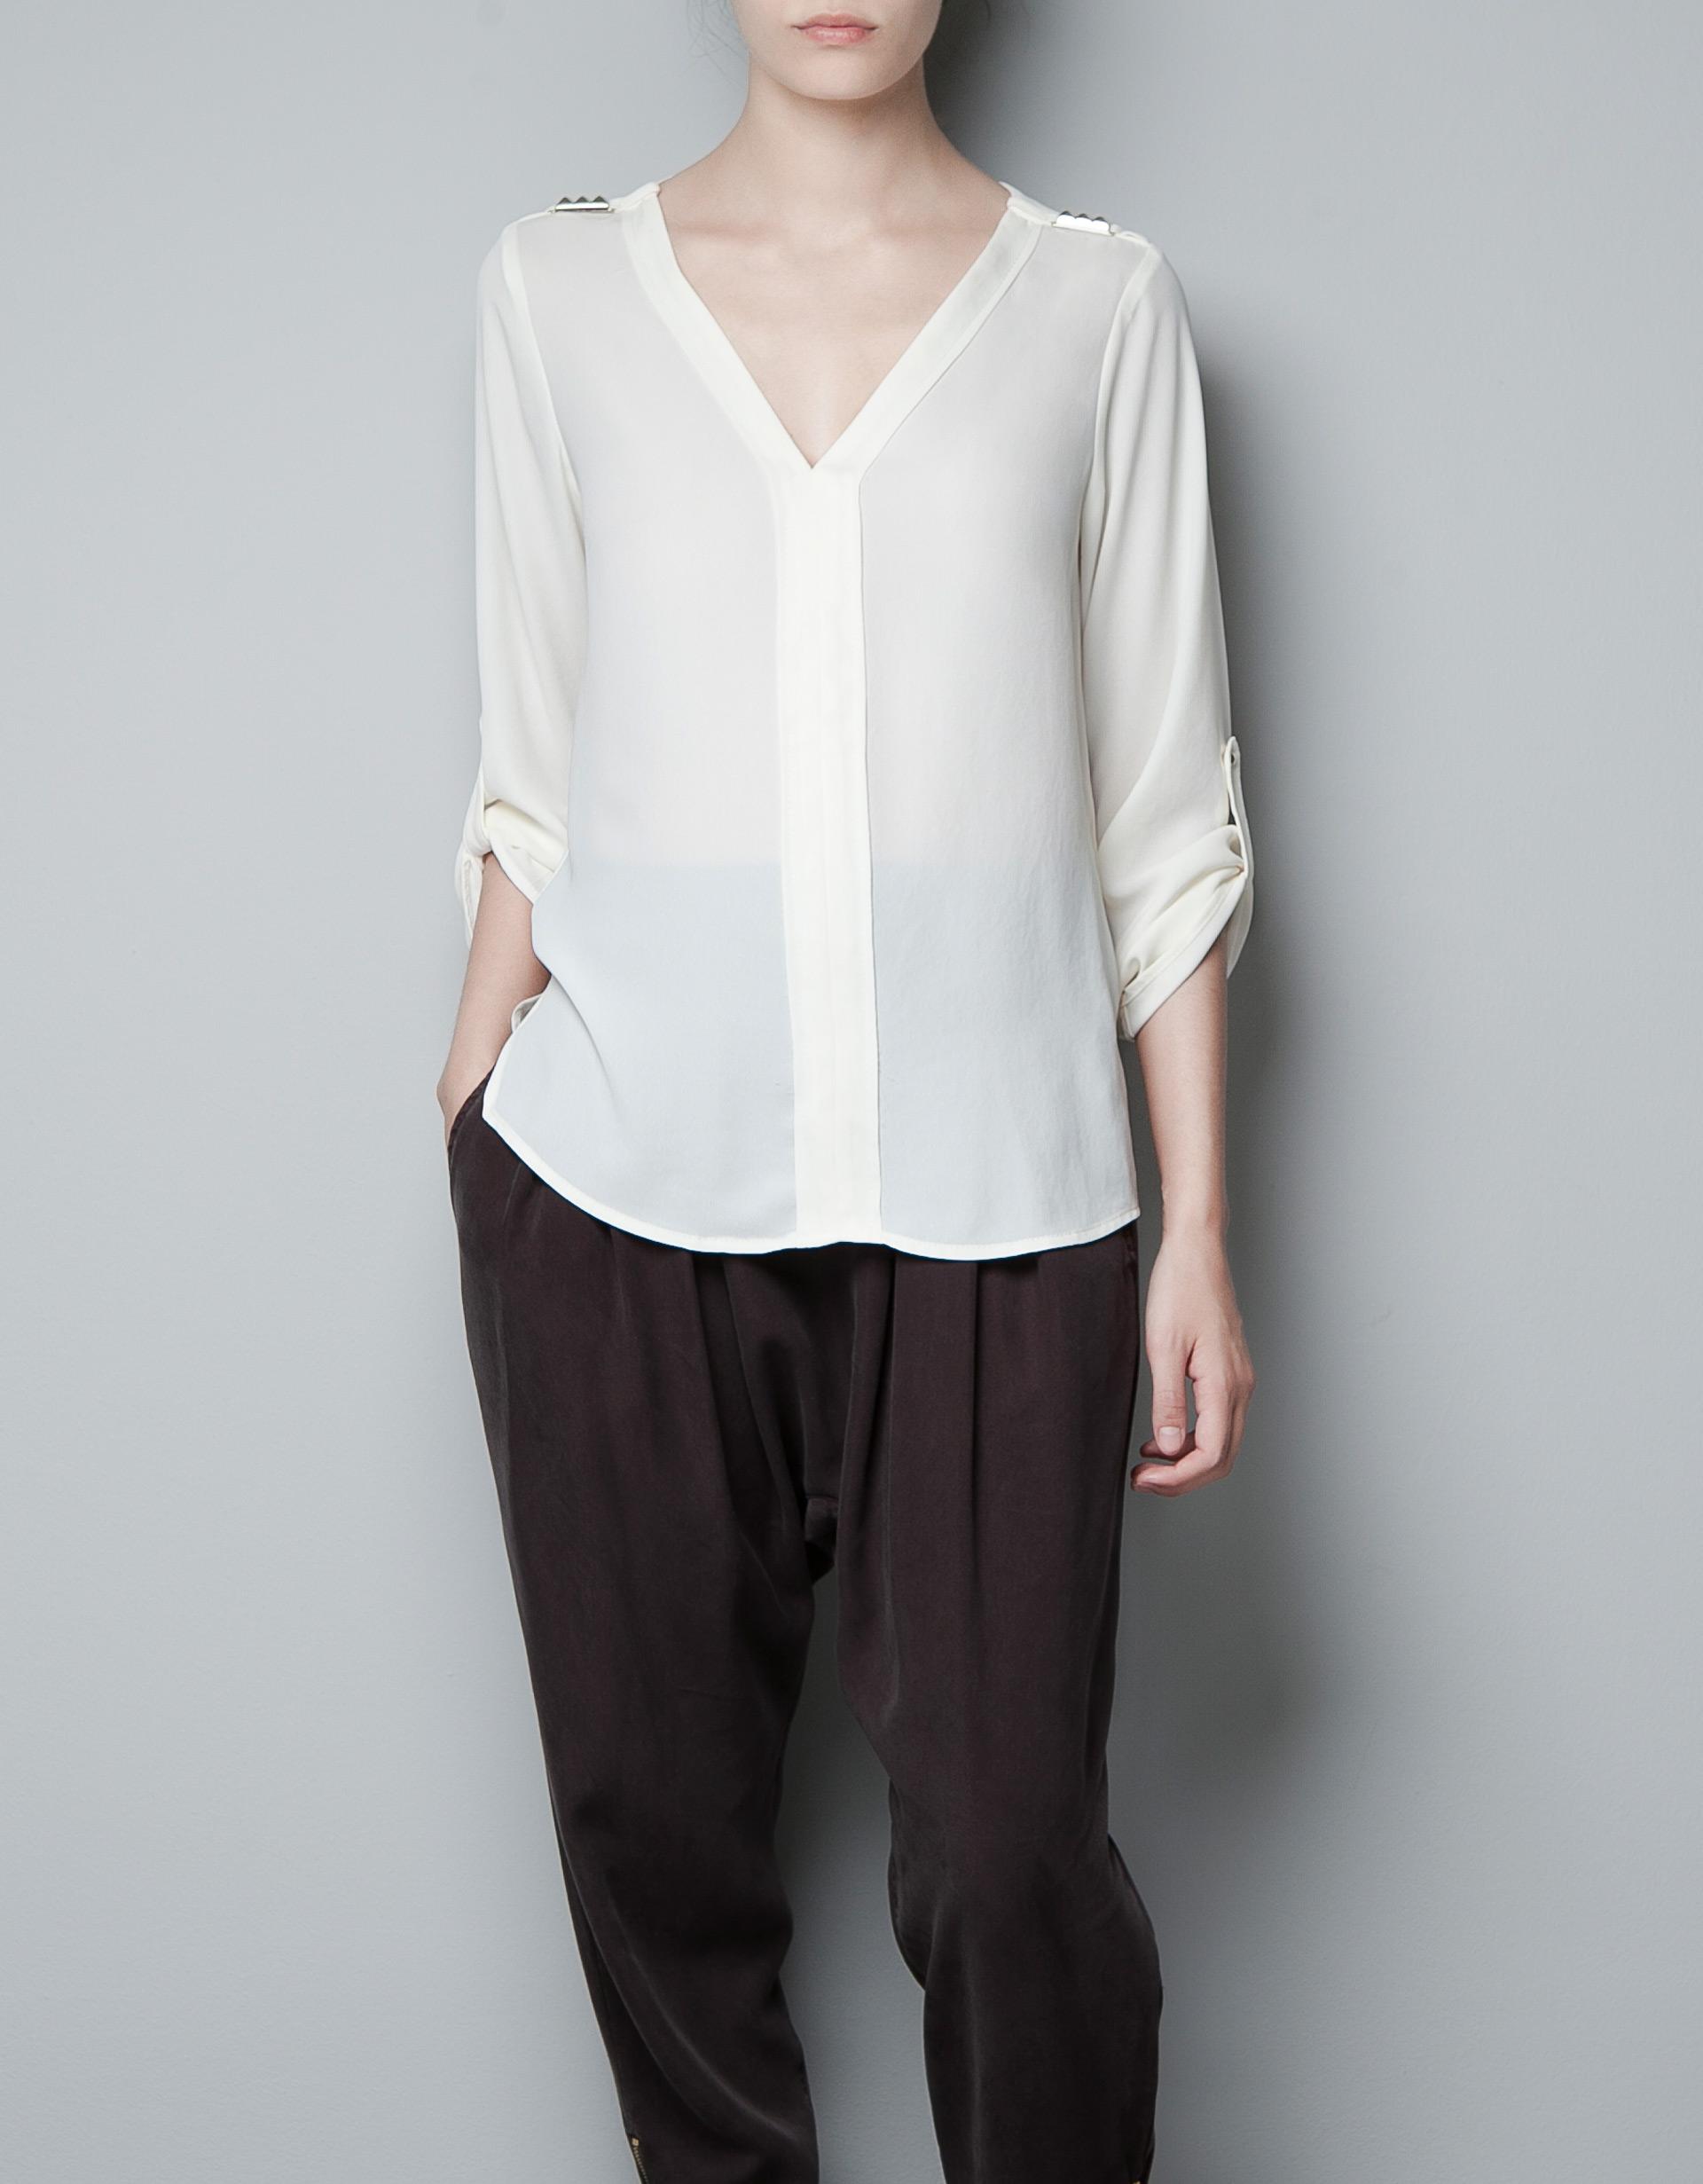 Zara White Blouse 42